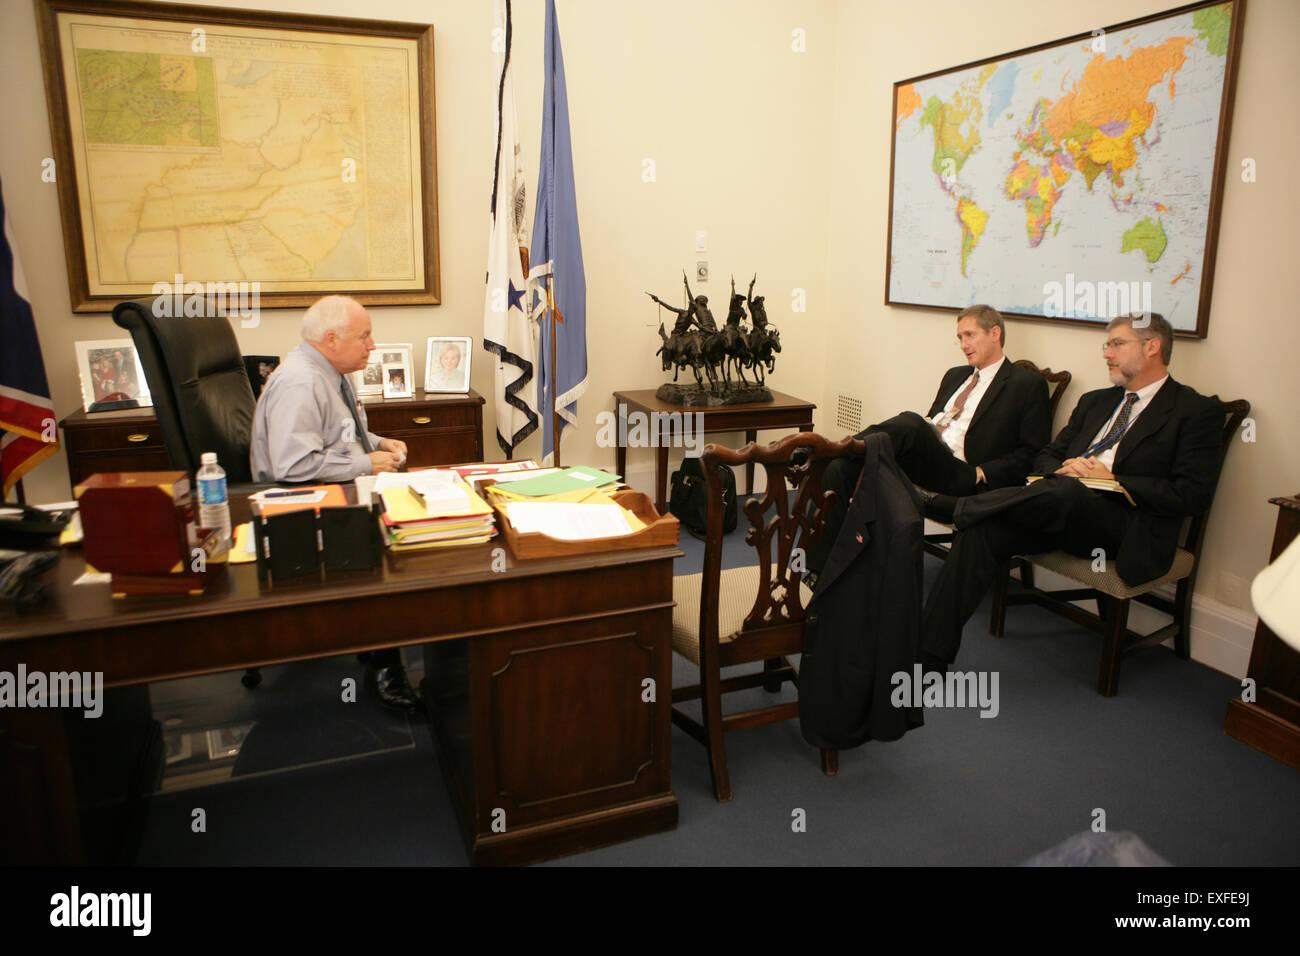 Bureau De La Maison Blanche : Du vice président cheney dans son bureau à la maison blanche banque